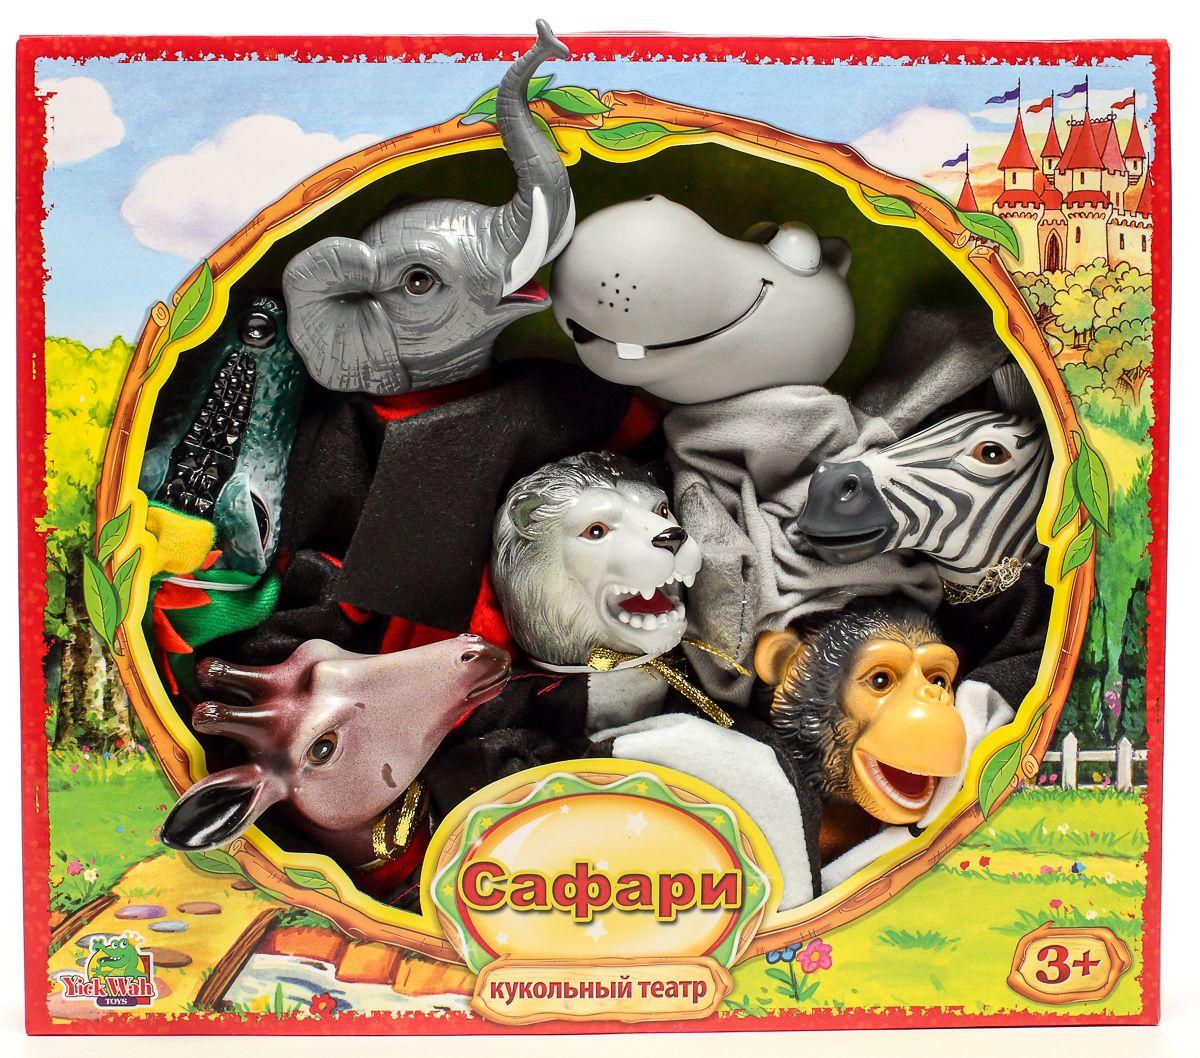 Yick Wah Кукольный театр Сафари7142/14SКукольный театр создан на основе всем известной сказки.Набор состоит из 7-и кукол-марионеток большого размера,одевающихся на кисть руки.Куклы обладают высокой прочностью,безопасностью.Доставляют малышам масс приятных и радостных эмоций